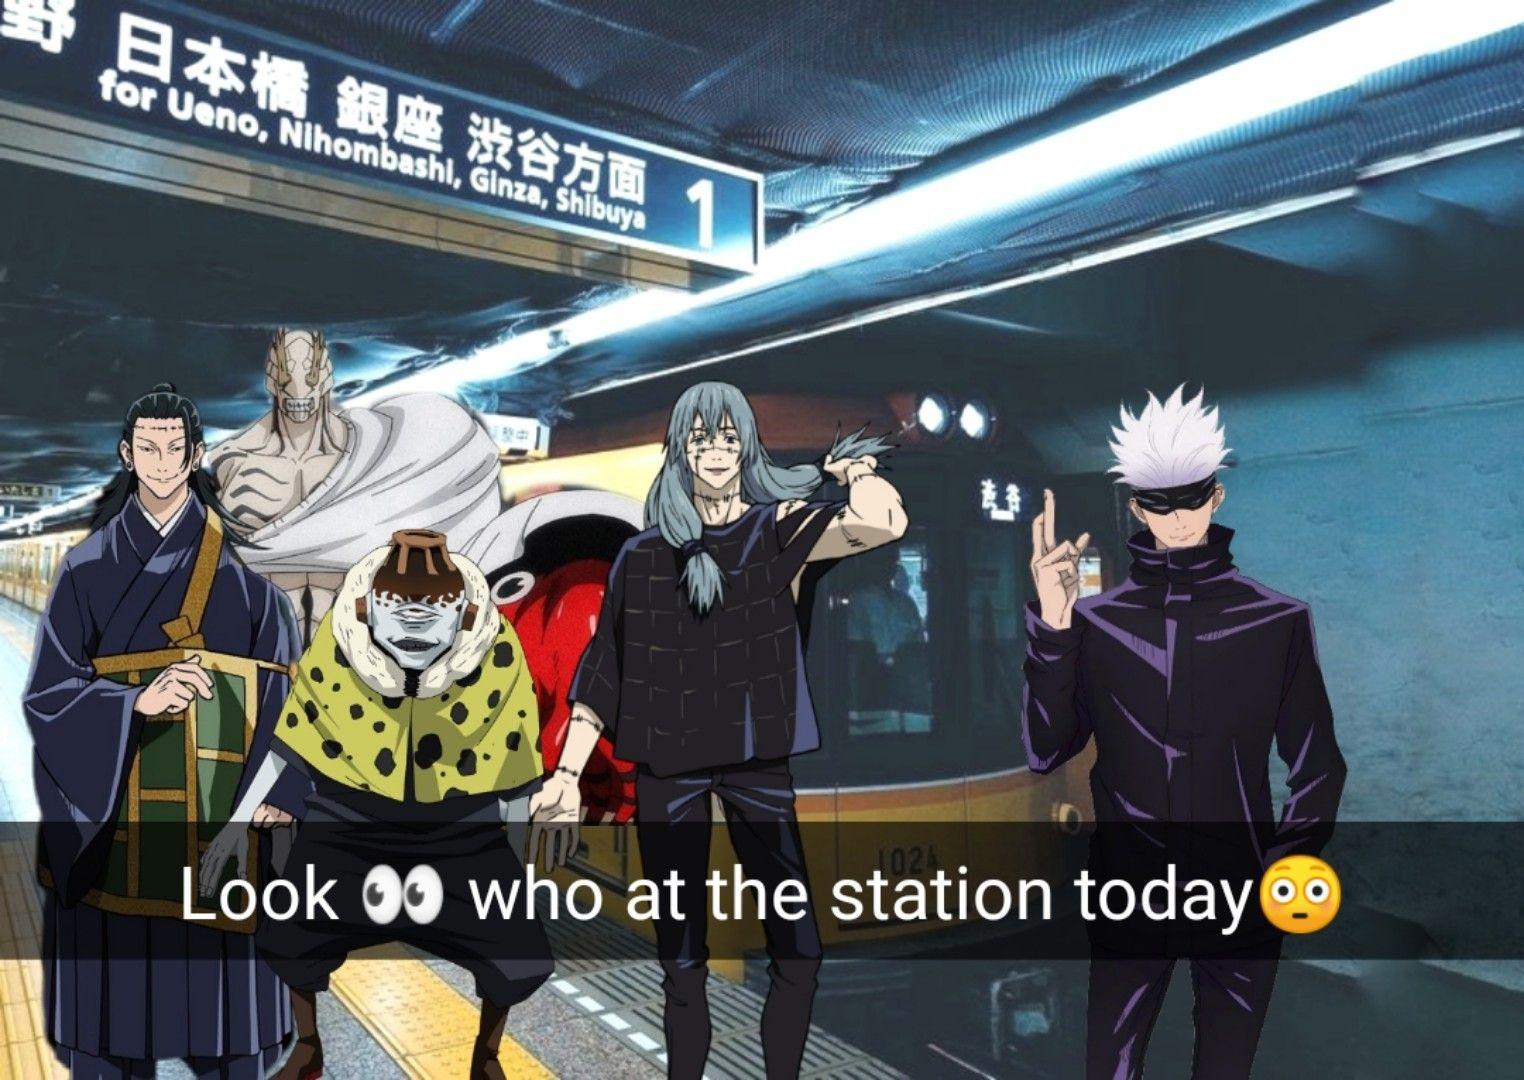 Jujutsu Kaisen Im Crying Yall Funny Anime Pics Anime Snapchat Anime